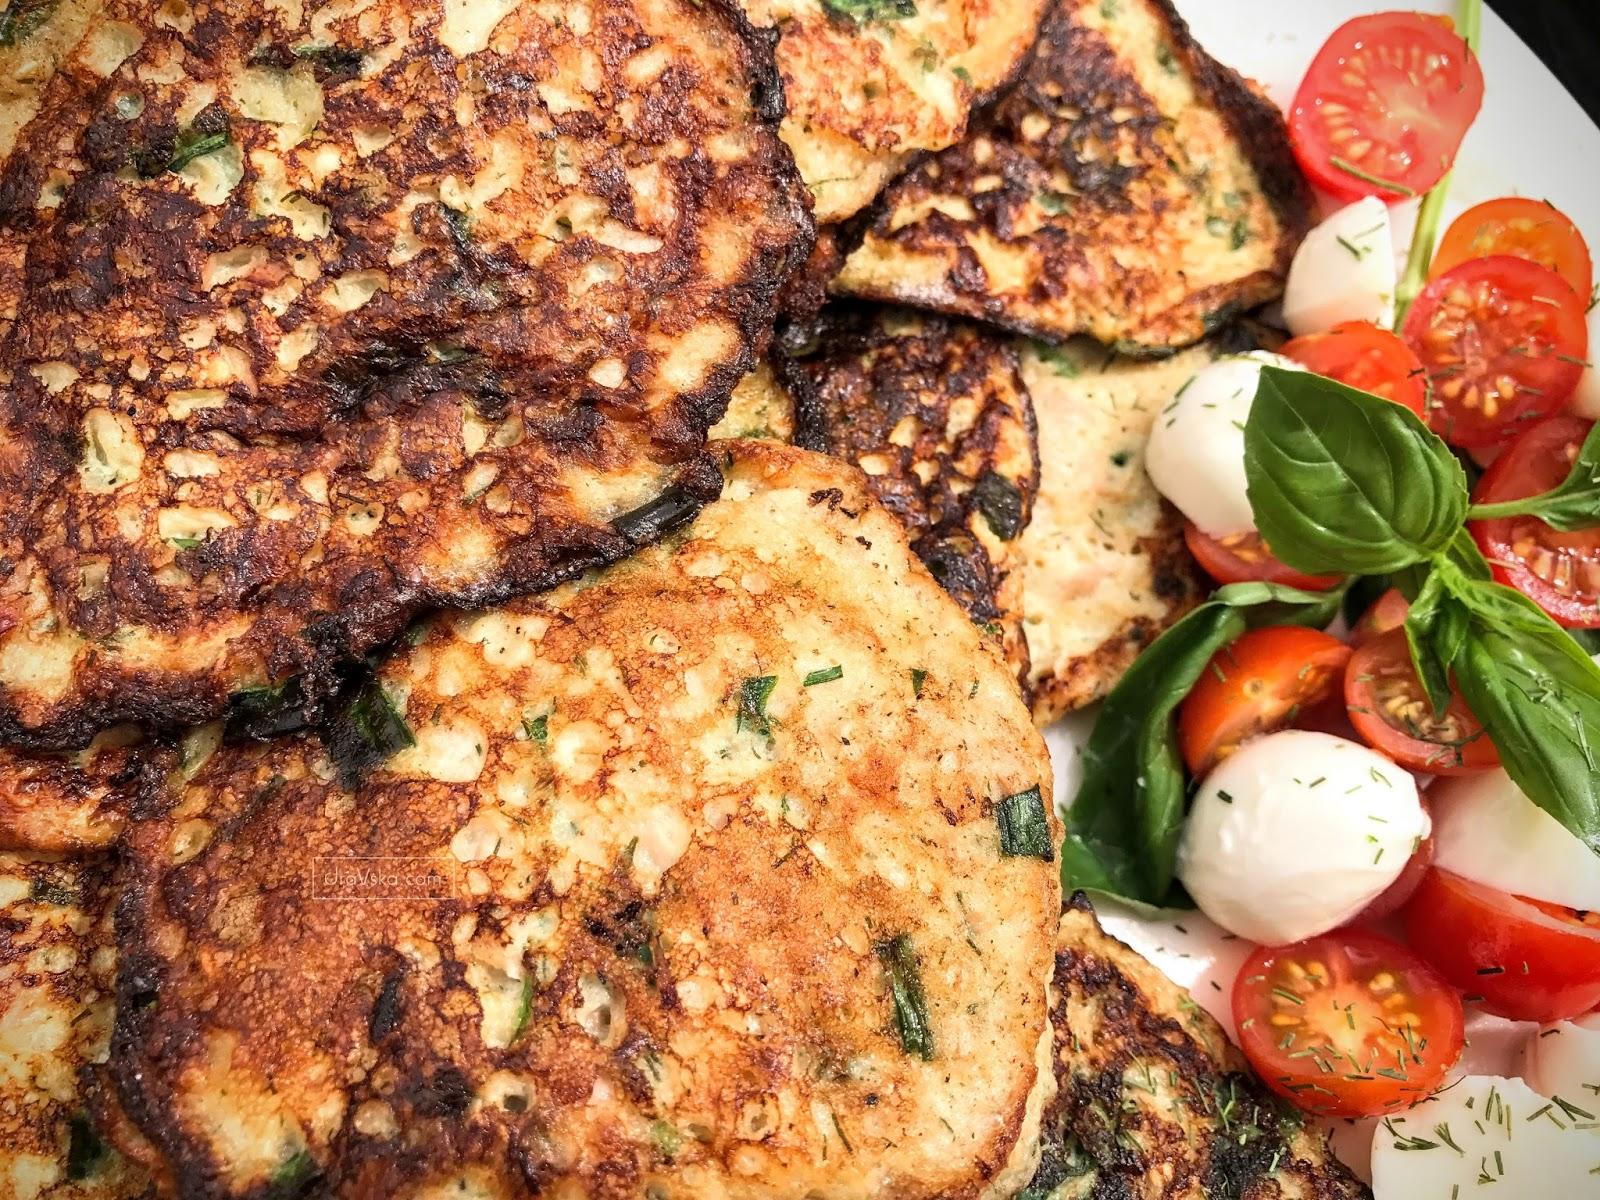 Śniadanie Mistrzów w 5 minut - Fit placuszki ze szczypiorkiem i tuńczykiem na jogurcie bez mąki